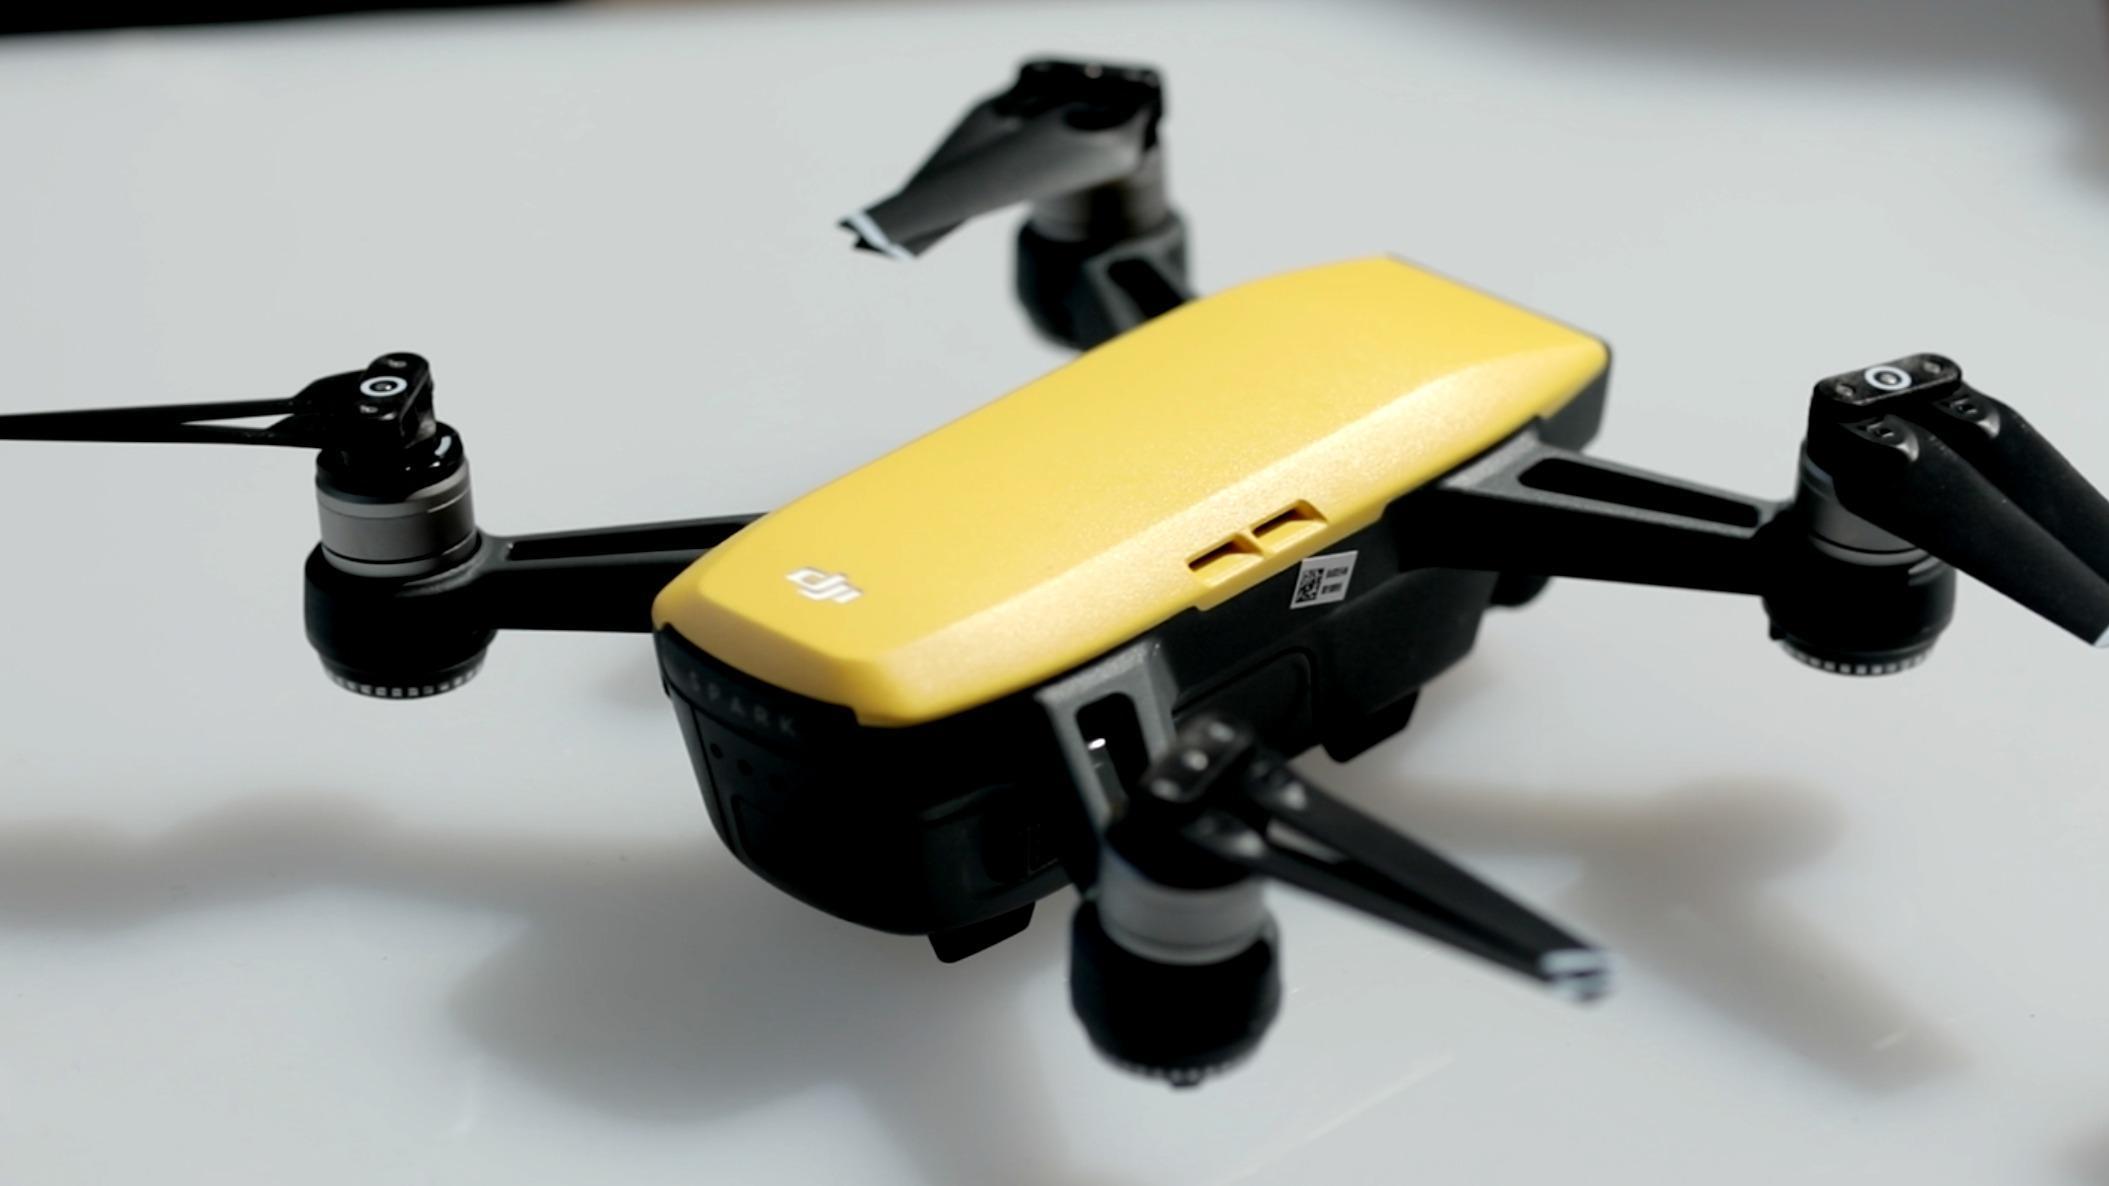 DJI unveils tiny new Spark drone